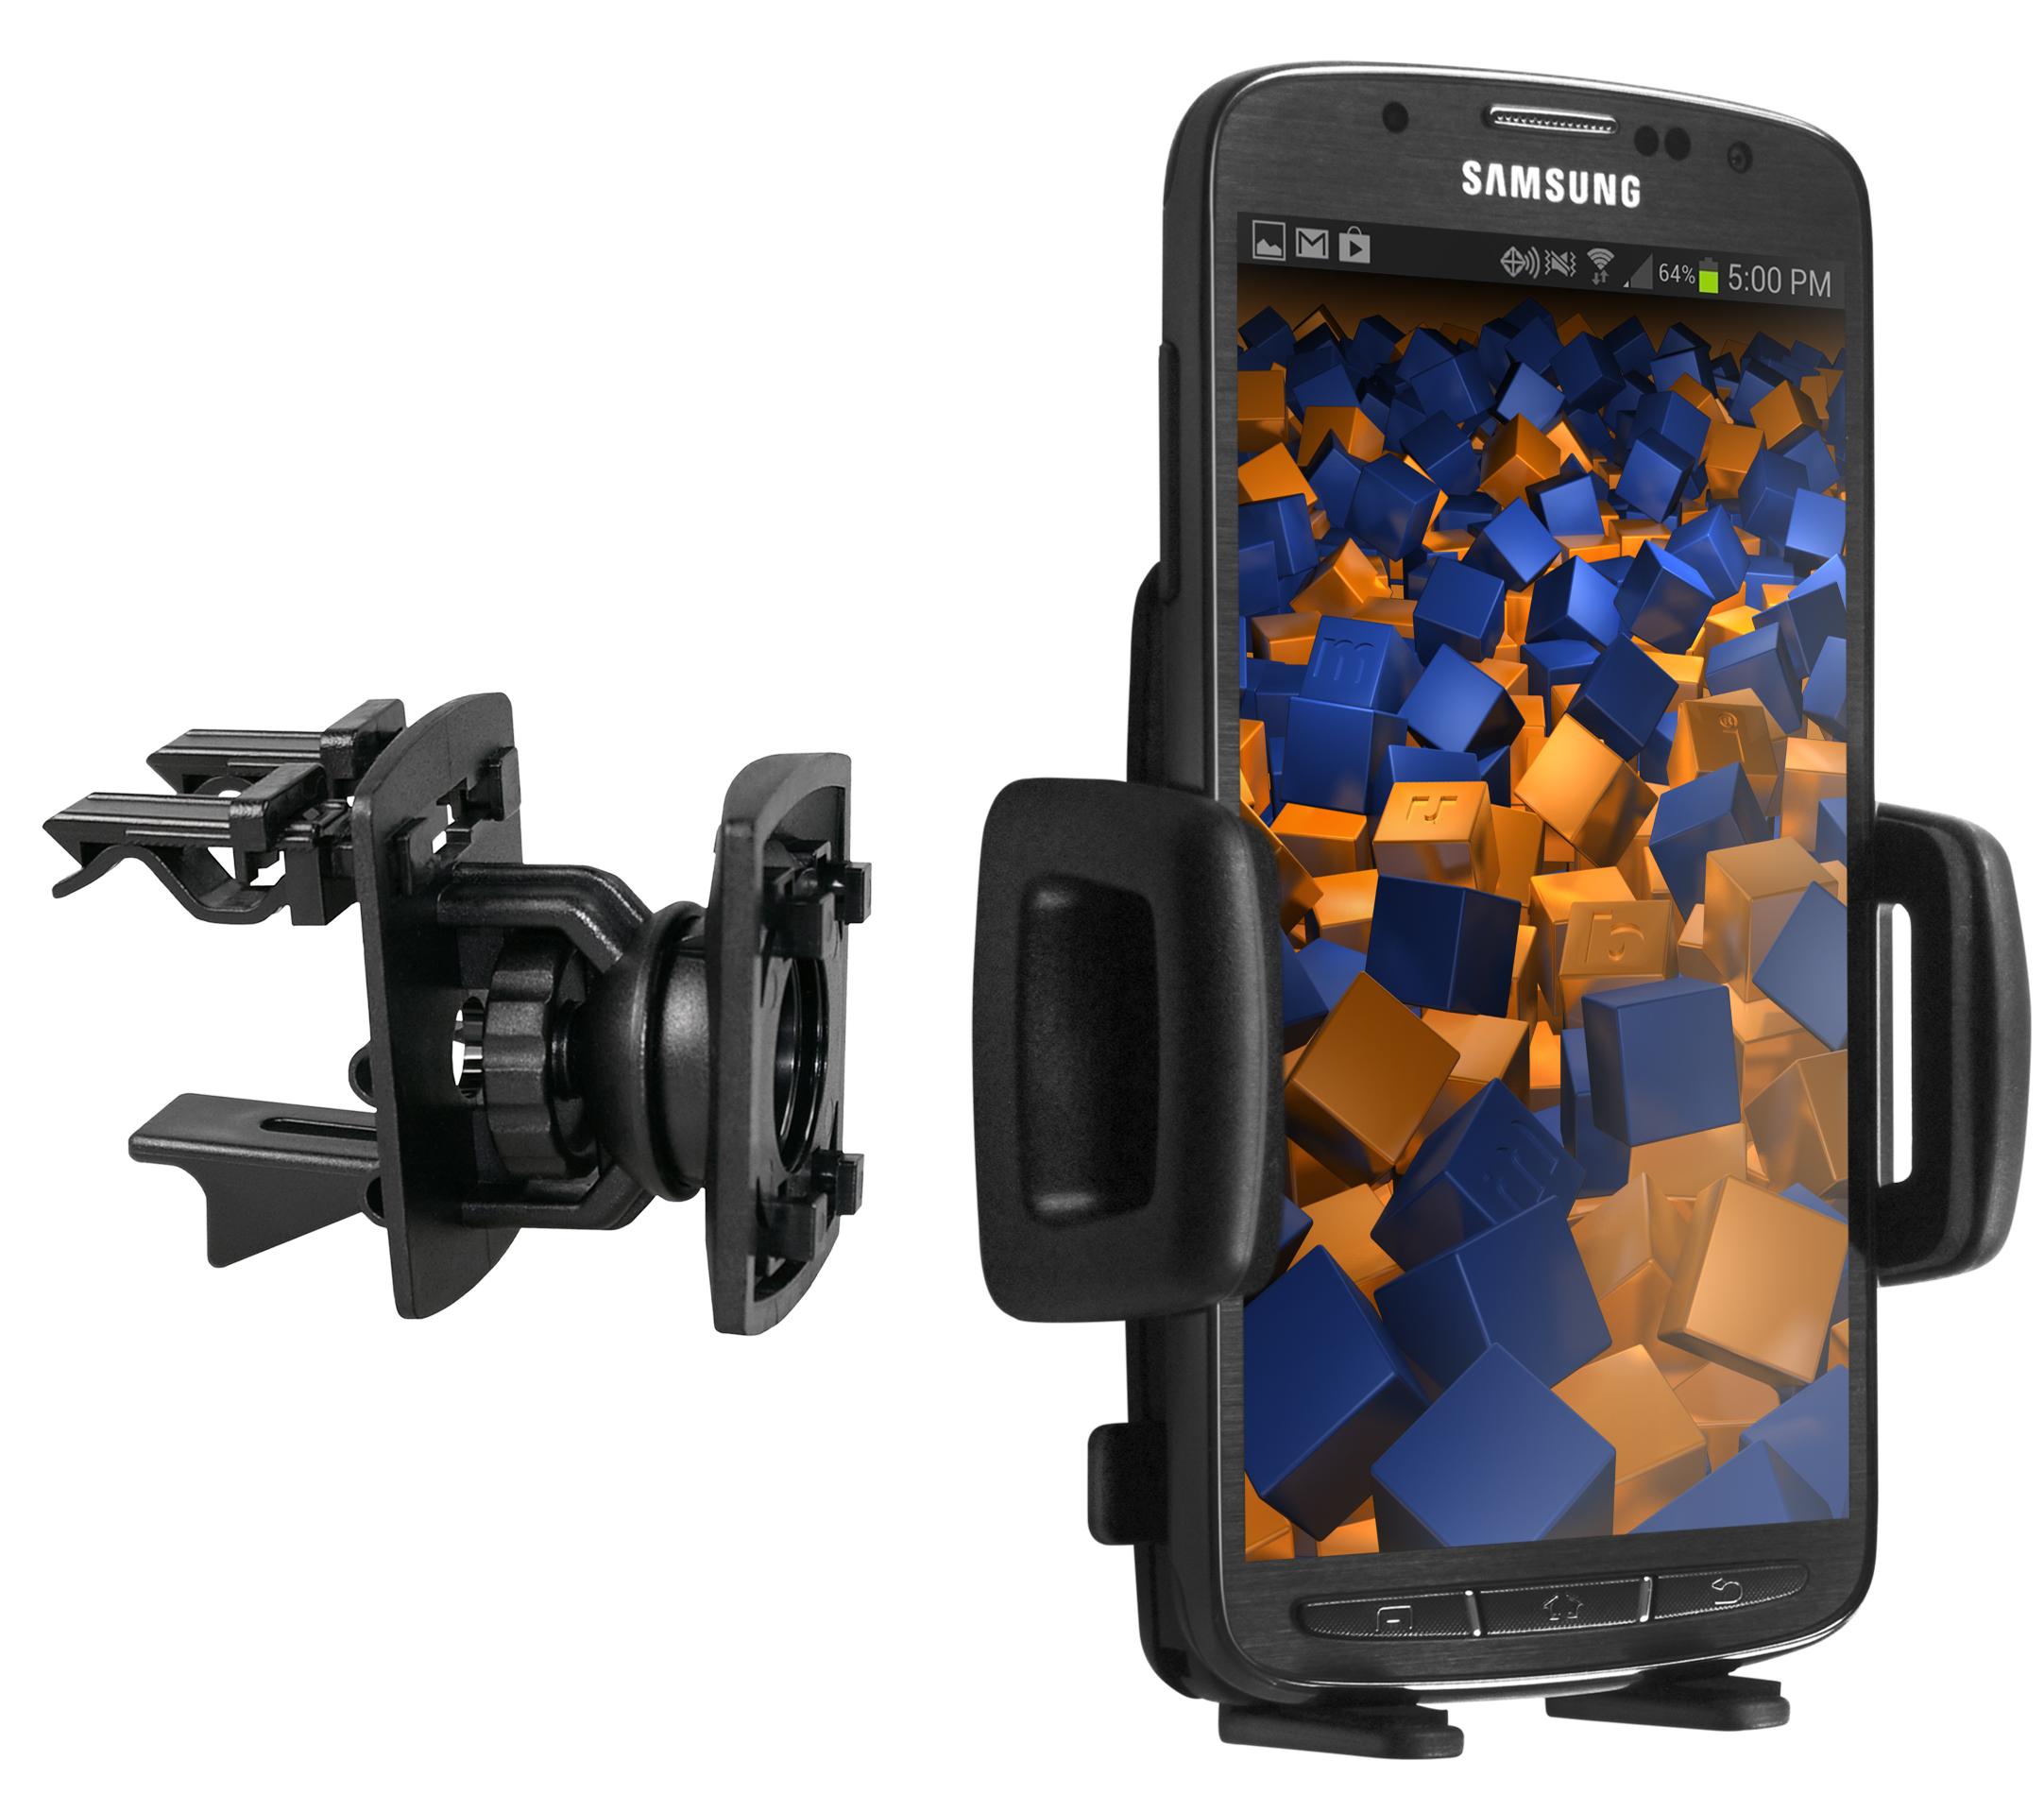 Lüftungsschlitz KFZ Halterung Vent Mount 4 Kugelgelenk für Samsung Galaxy S4 Active Galaxy S4 Active Samsung weitere Modelle